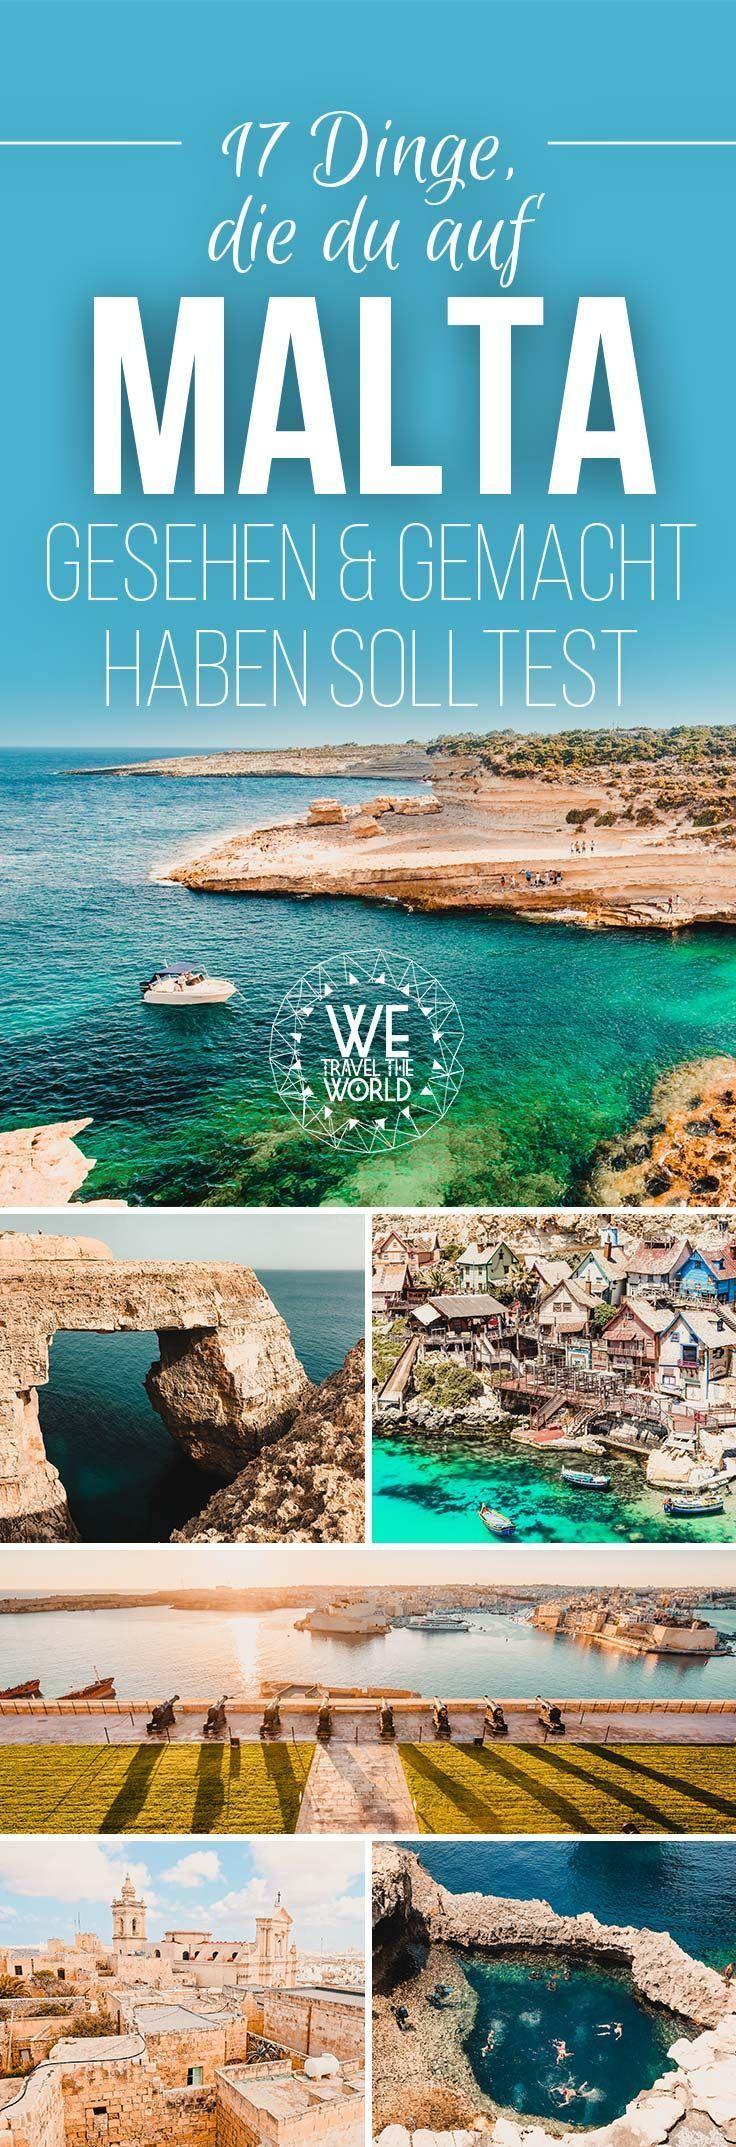 Malta Highlights: 17 großartige Dinge, die du auf Malta gesehen und gemacht haben solltest